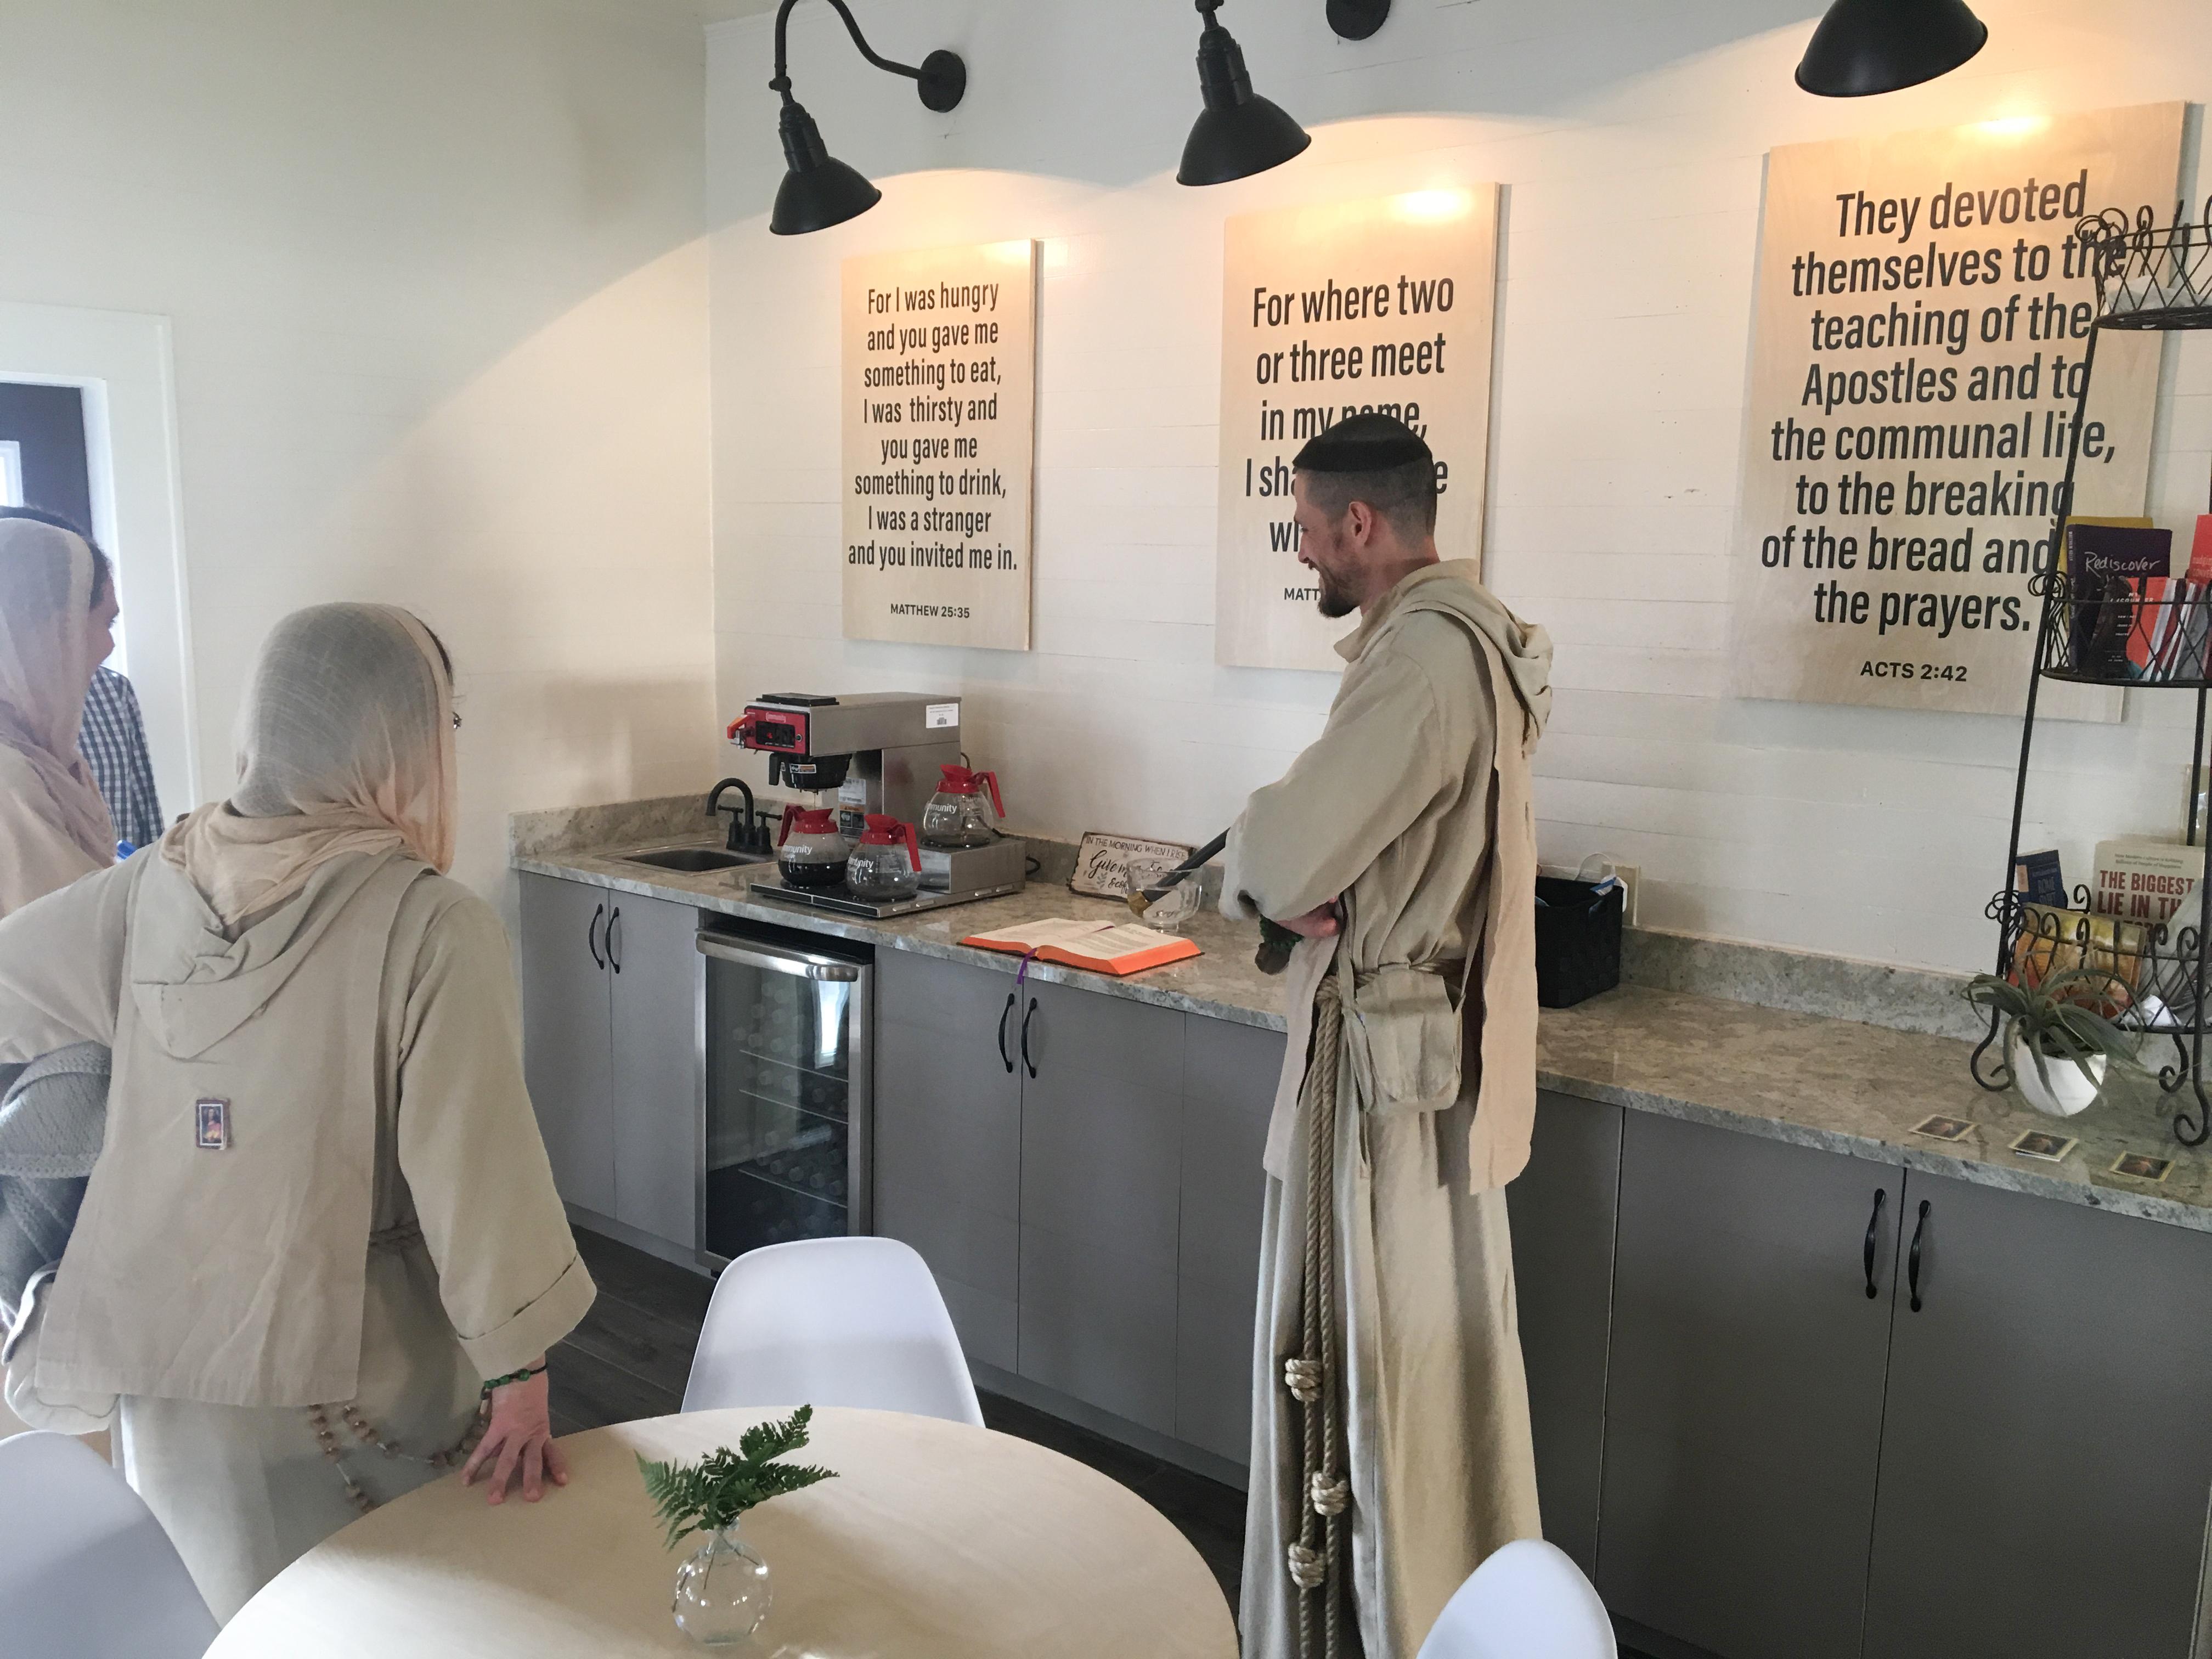 FULL OF GRACE CAFE